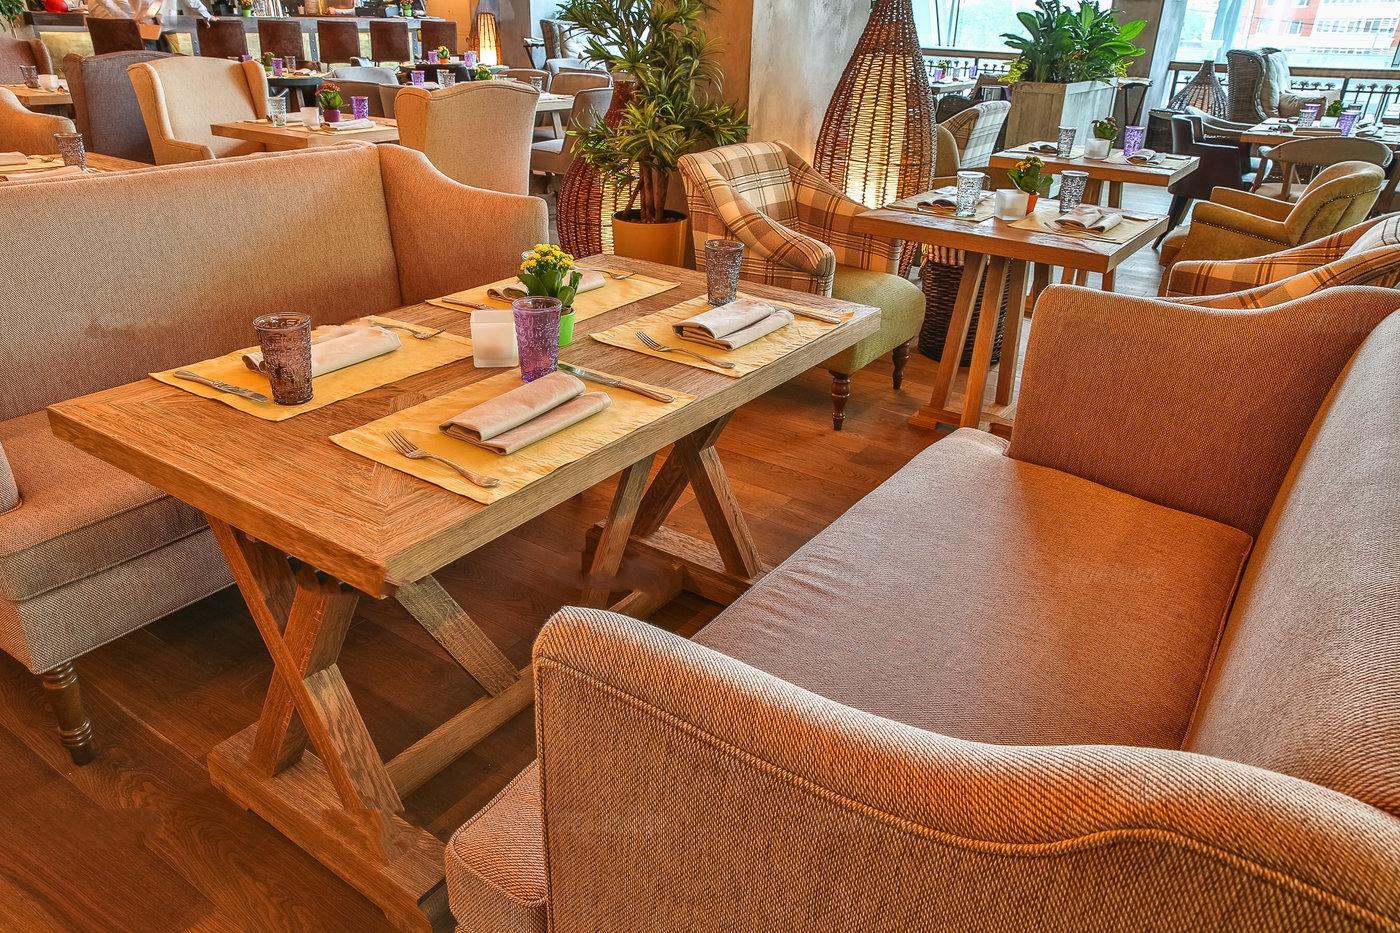 Ресторан Кин Дза Дза на Мичуринском проспекте (Кинза-Дза) фото 12